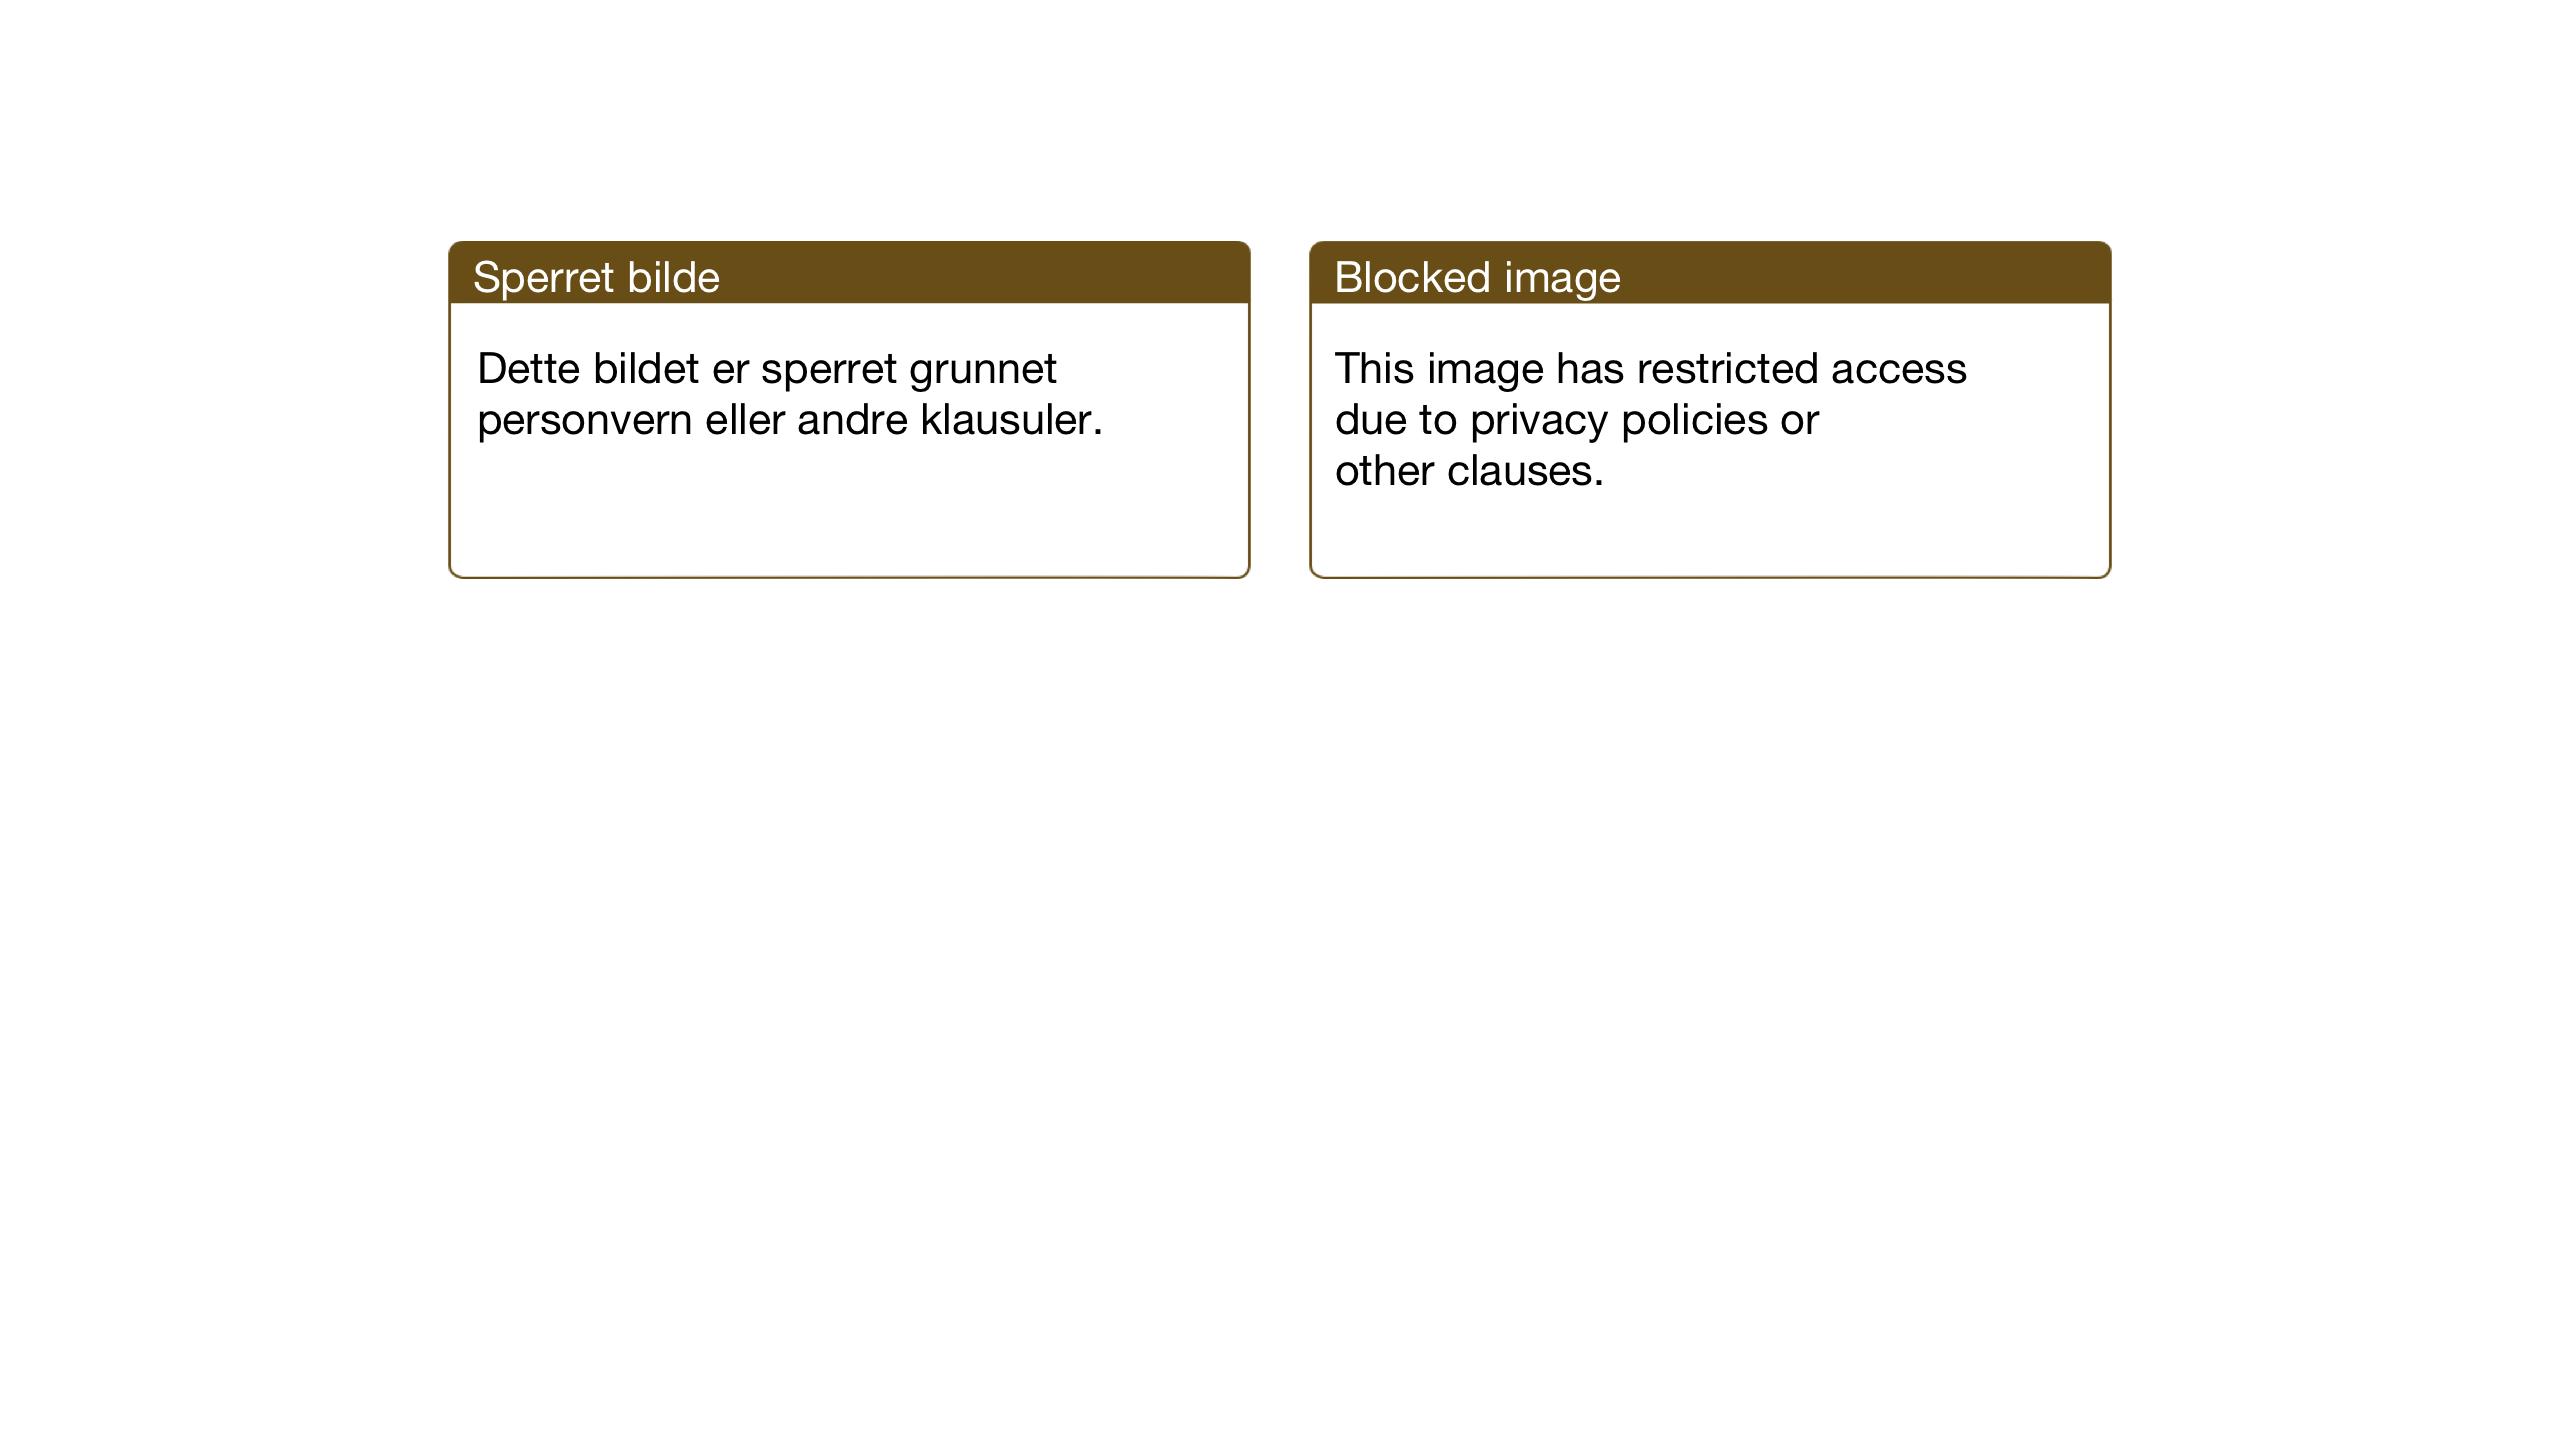 SAT, Ministerialprotokoller, klokkerbøker og fødselsregistre - Nord-Trøndelag, 730/L0303: Klokkerbok nr. 730C06, 1924-1933, s. 27